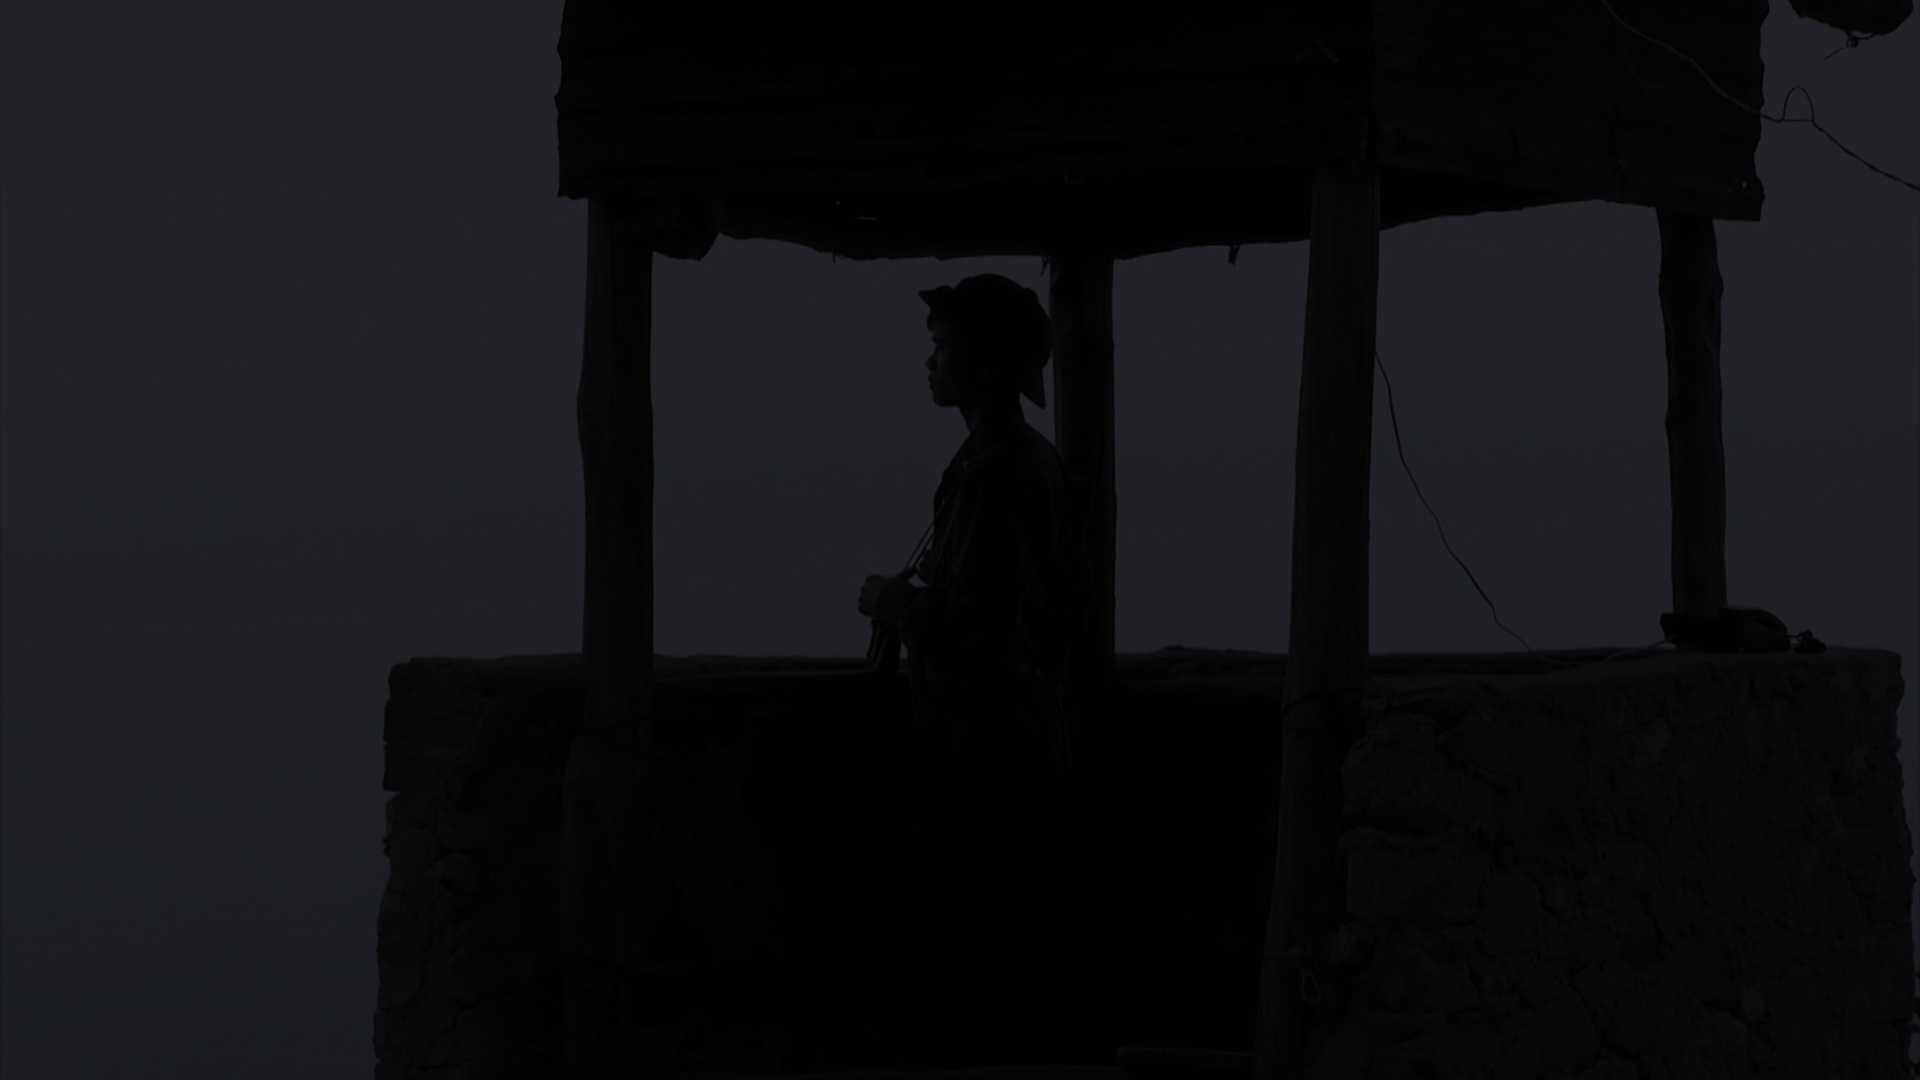 Những người lính gác đêm luôn phải tập trung cao độ để hoàn thành nhiệm vụ của đơn vị.